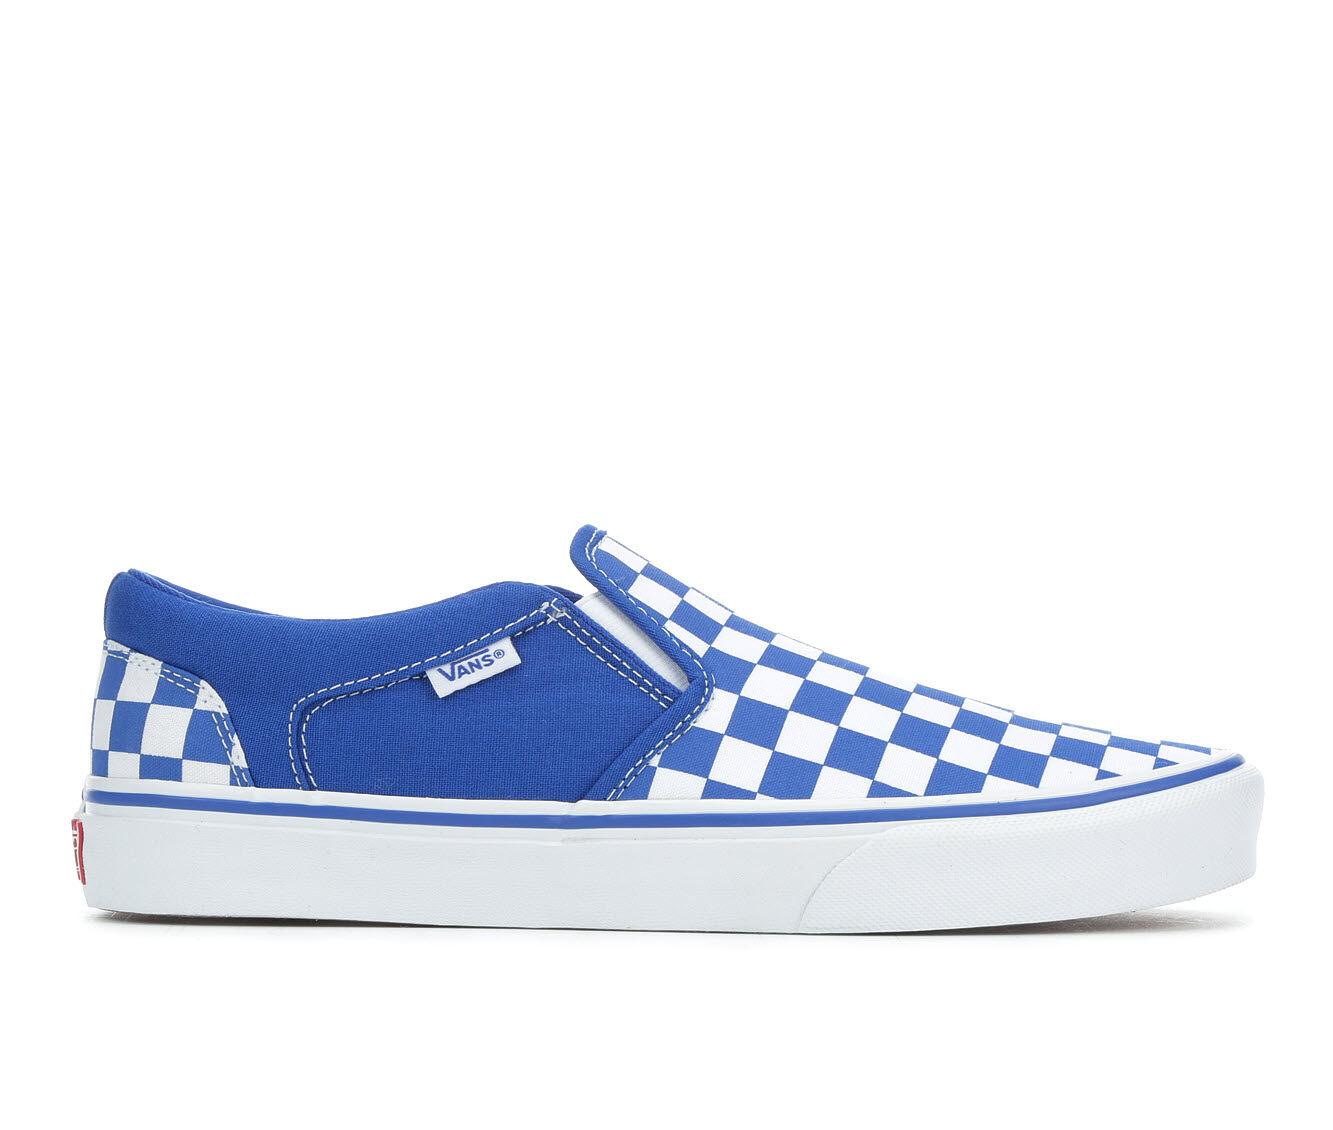 Men's Vans Asher Slip On Skate Shoes